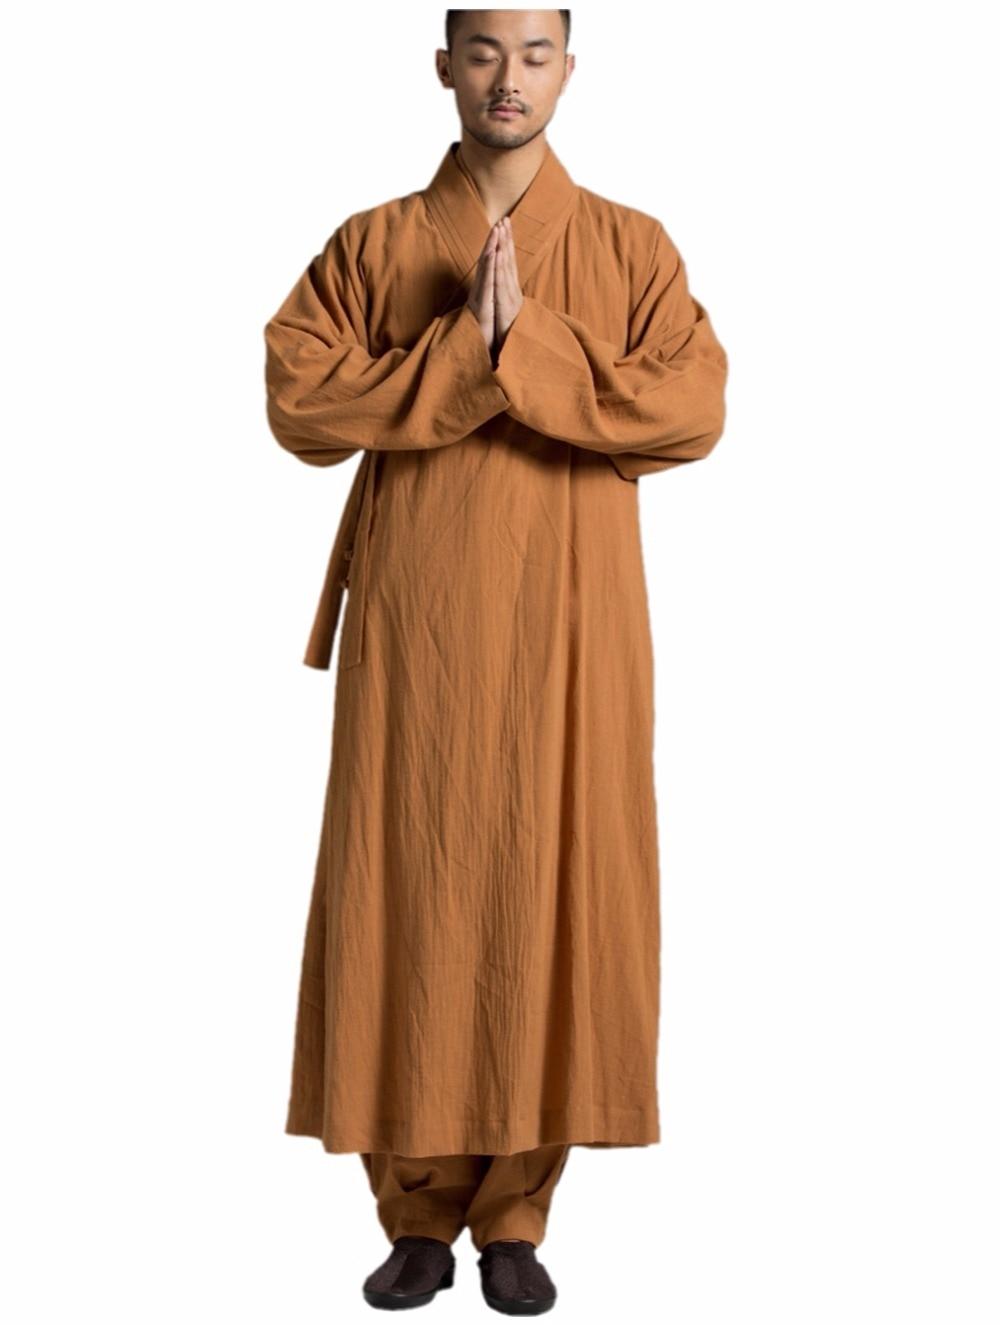 ZanYing Buddhist Meditation Monk Robe Traditionell Gown Orange - Nationella kläder